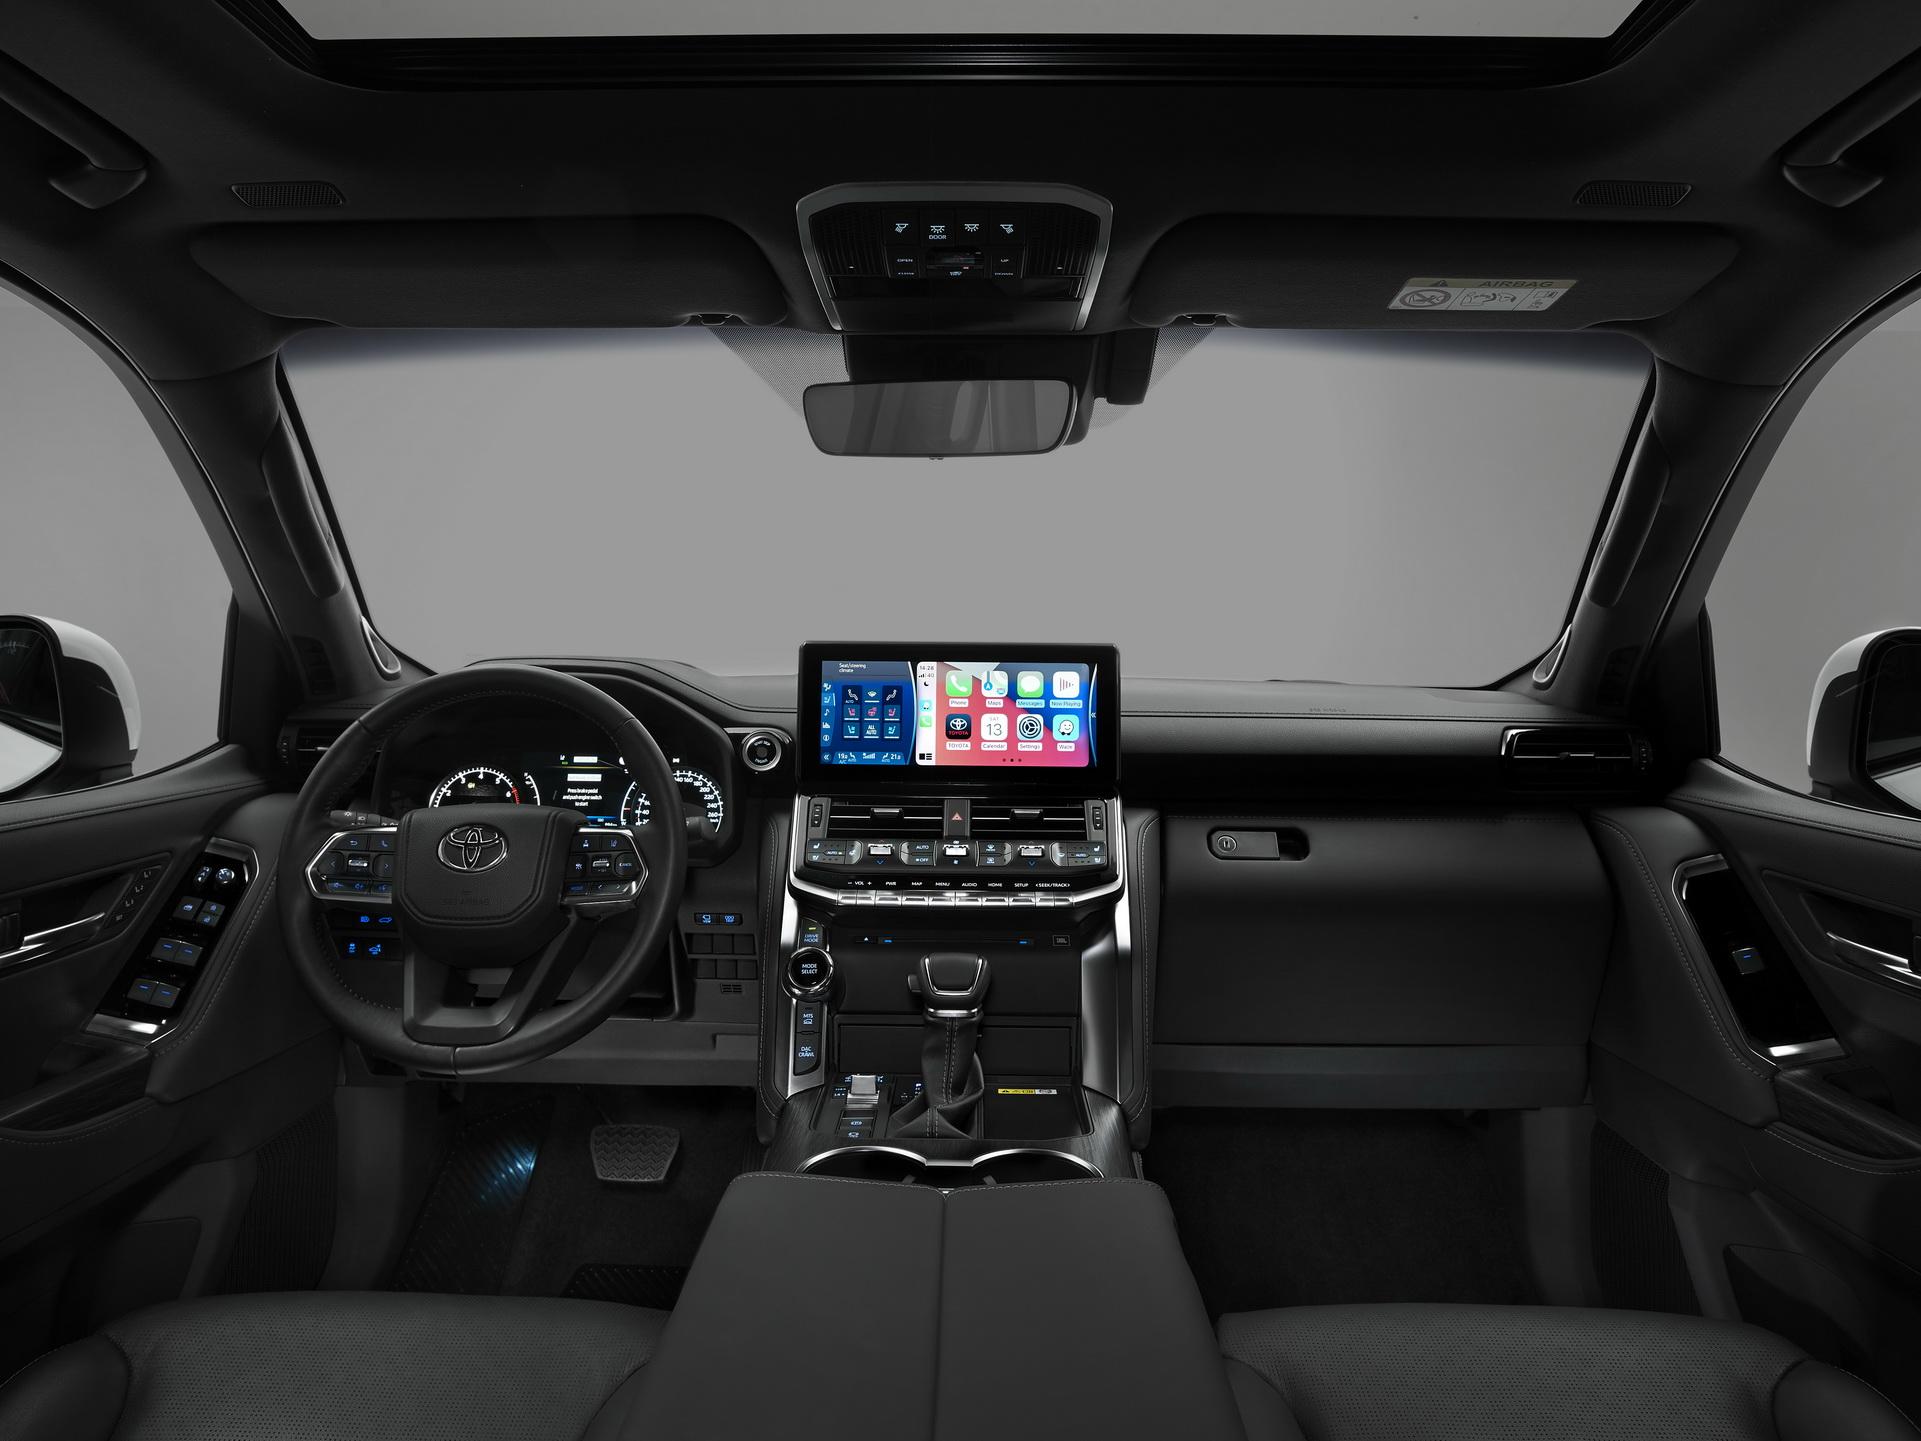 Toyota Land Cruiser 2022 ra mắt: Kiểu dáng mới, động cơ tăng áp, nhiều tính năng hỗ trợ offroad - Ảnh 6.